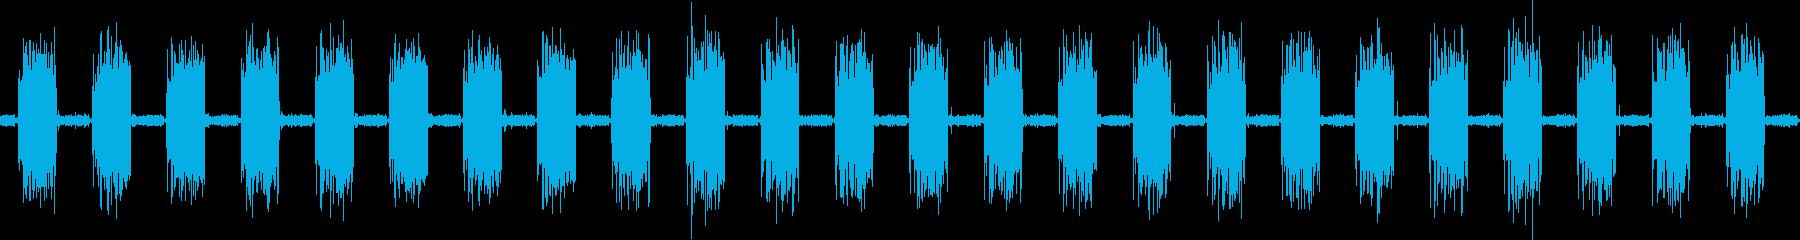 コンピュータープリンターアタリドッ...の再生済みの波形